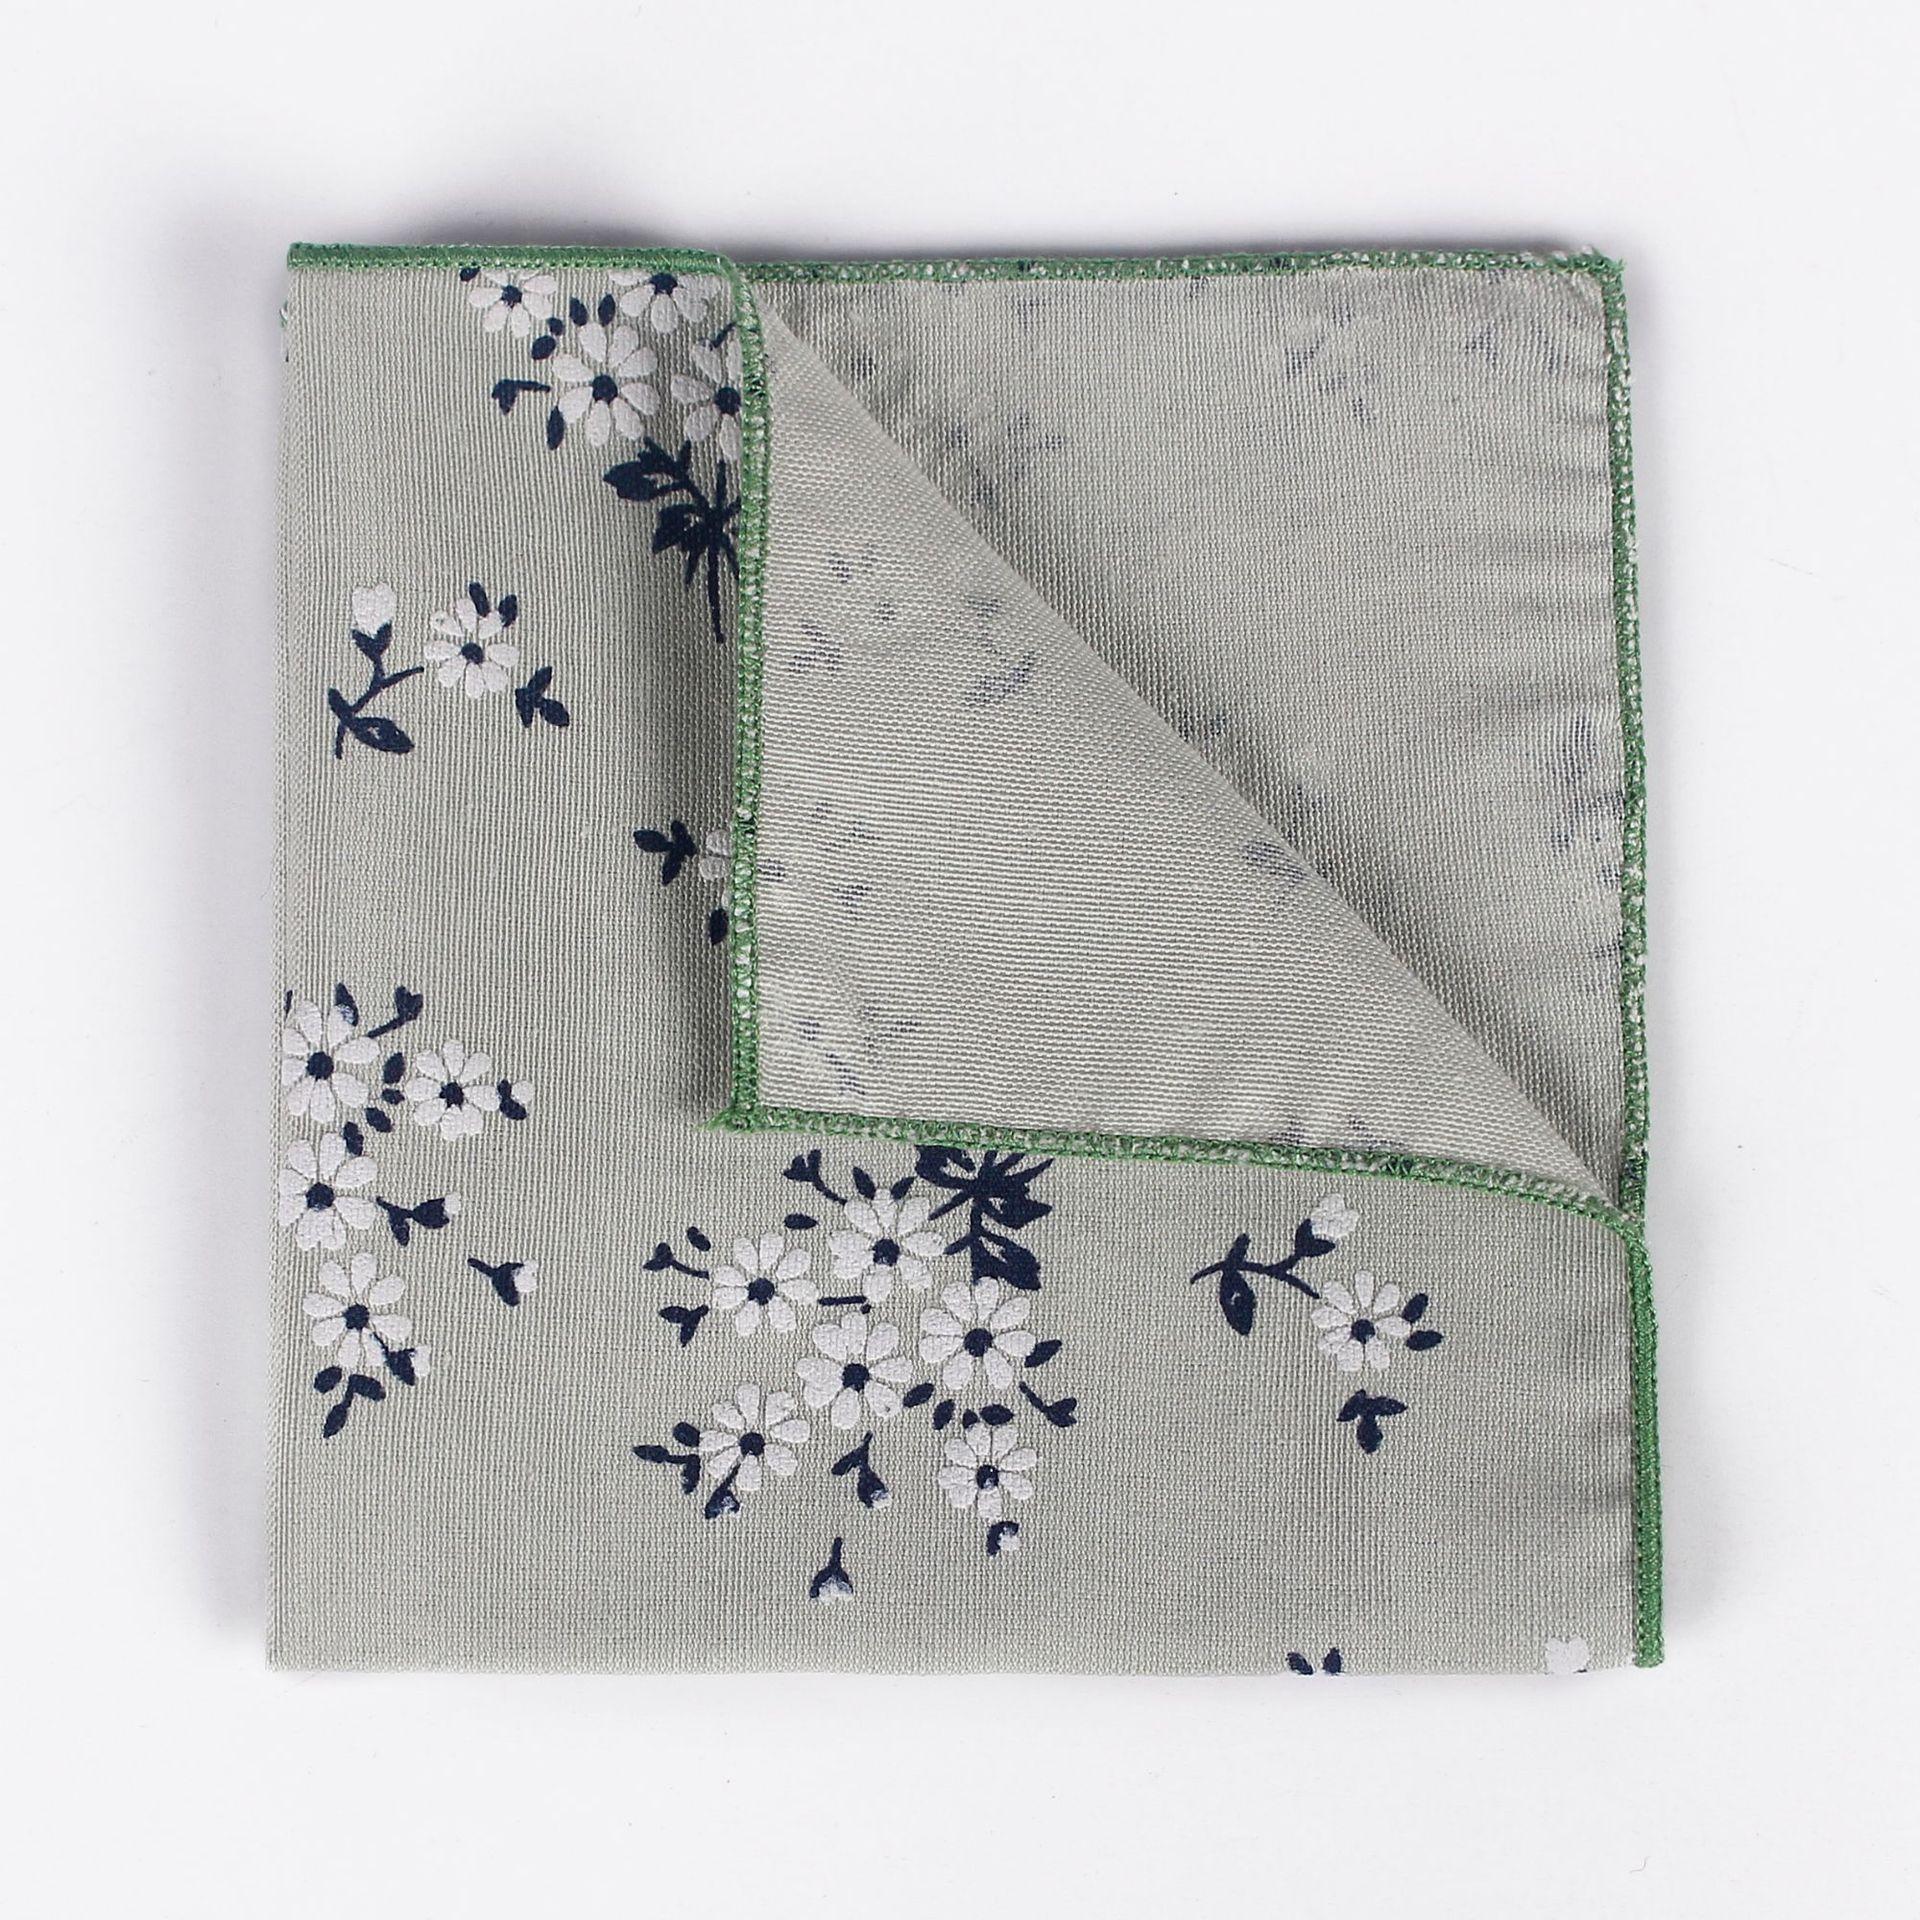 Mantieqingway Pocket Towel Men's Fresh Floral Pastoral Style Printed Cotton Square Suit Suit Pocket Bag Accessories